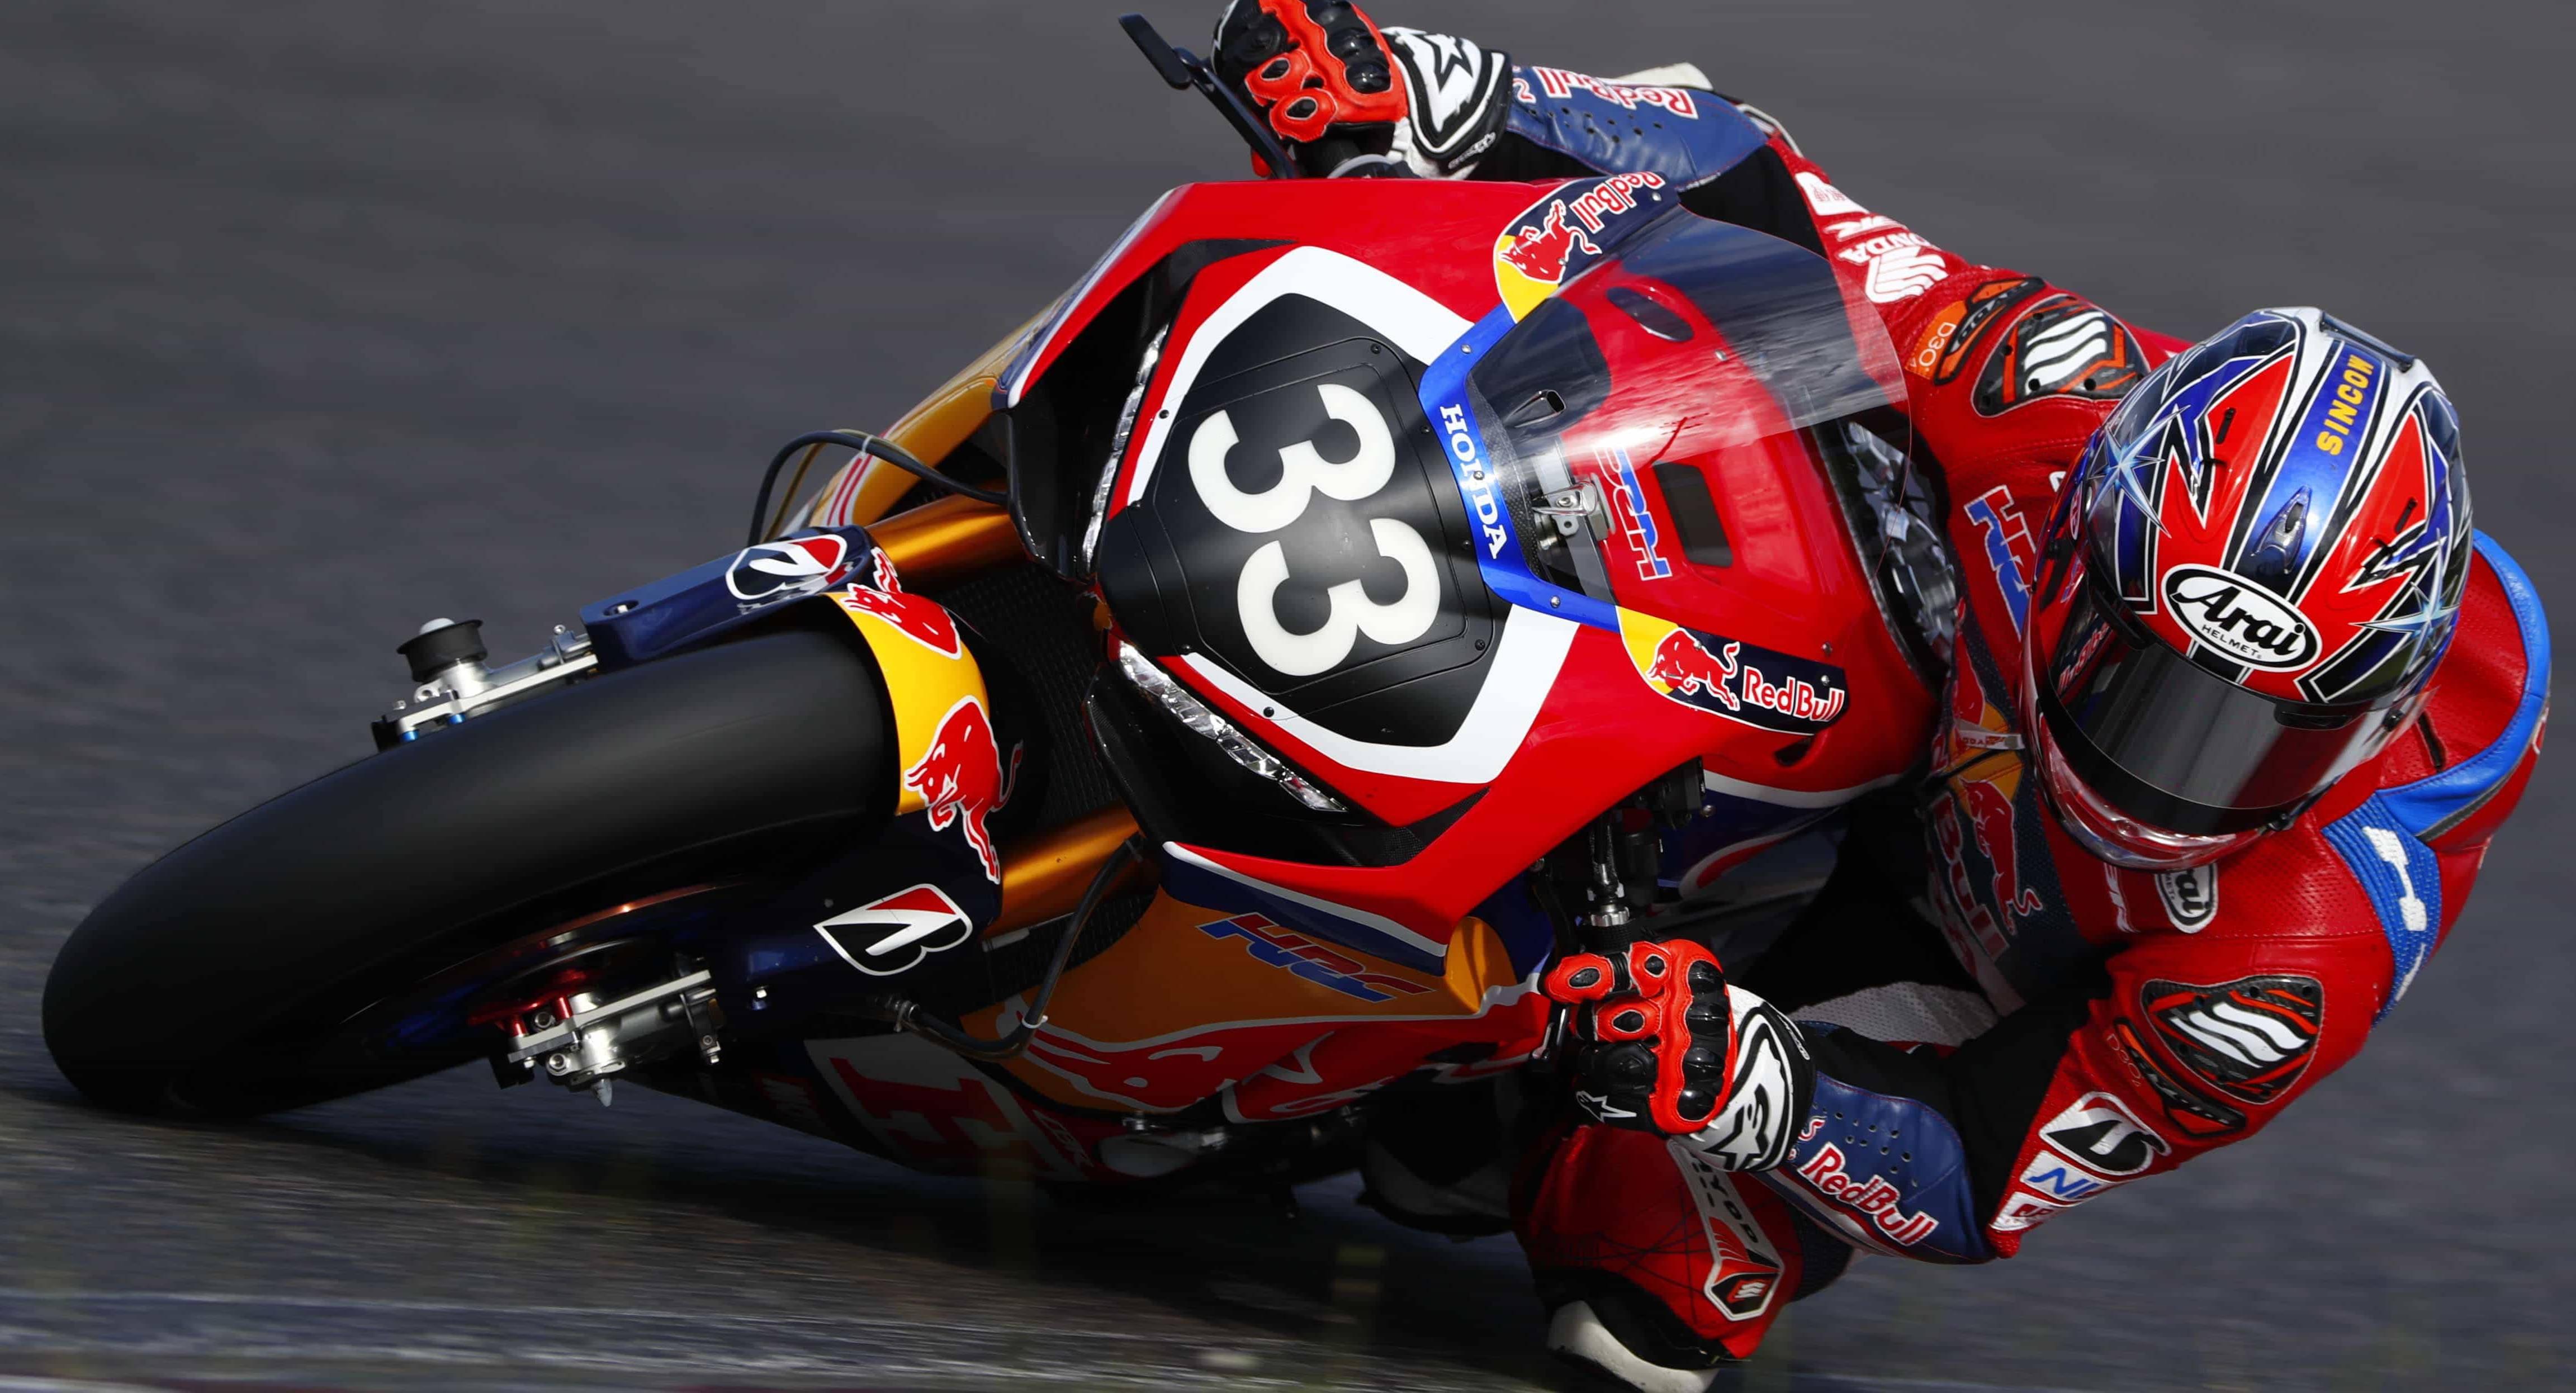 鈴鹿8耐 第1回公式合同テストが終了 トップタイムを記録したのはRed Bull Honda